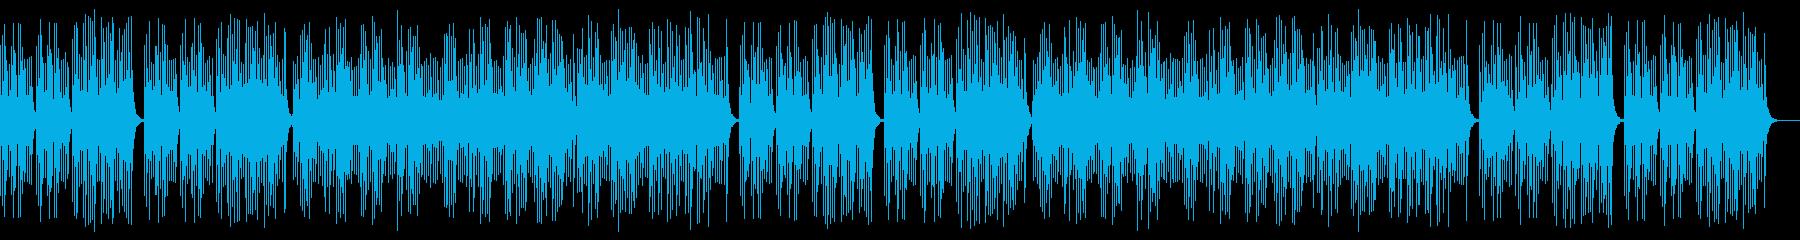 恋の癒しオルゴールBGMの再生済みの波形